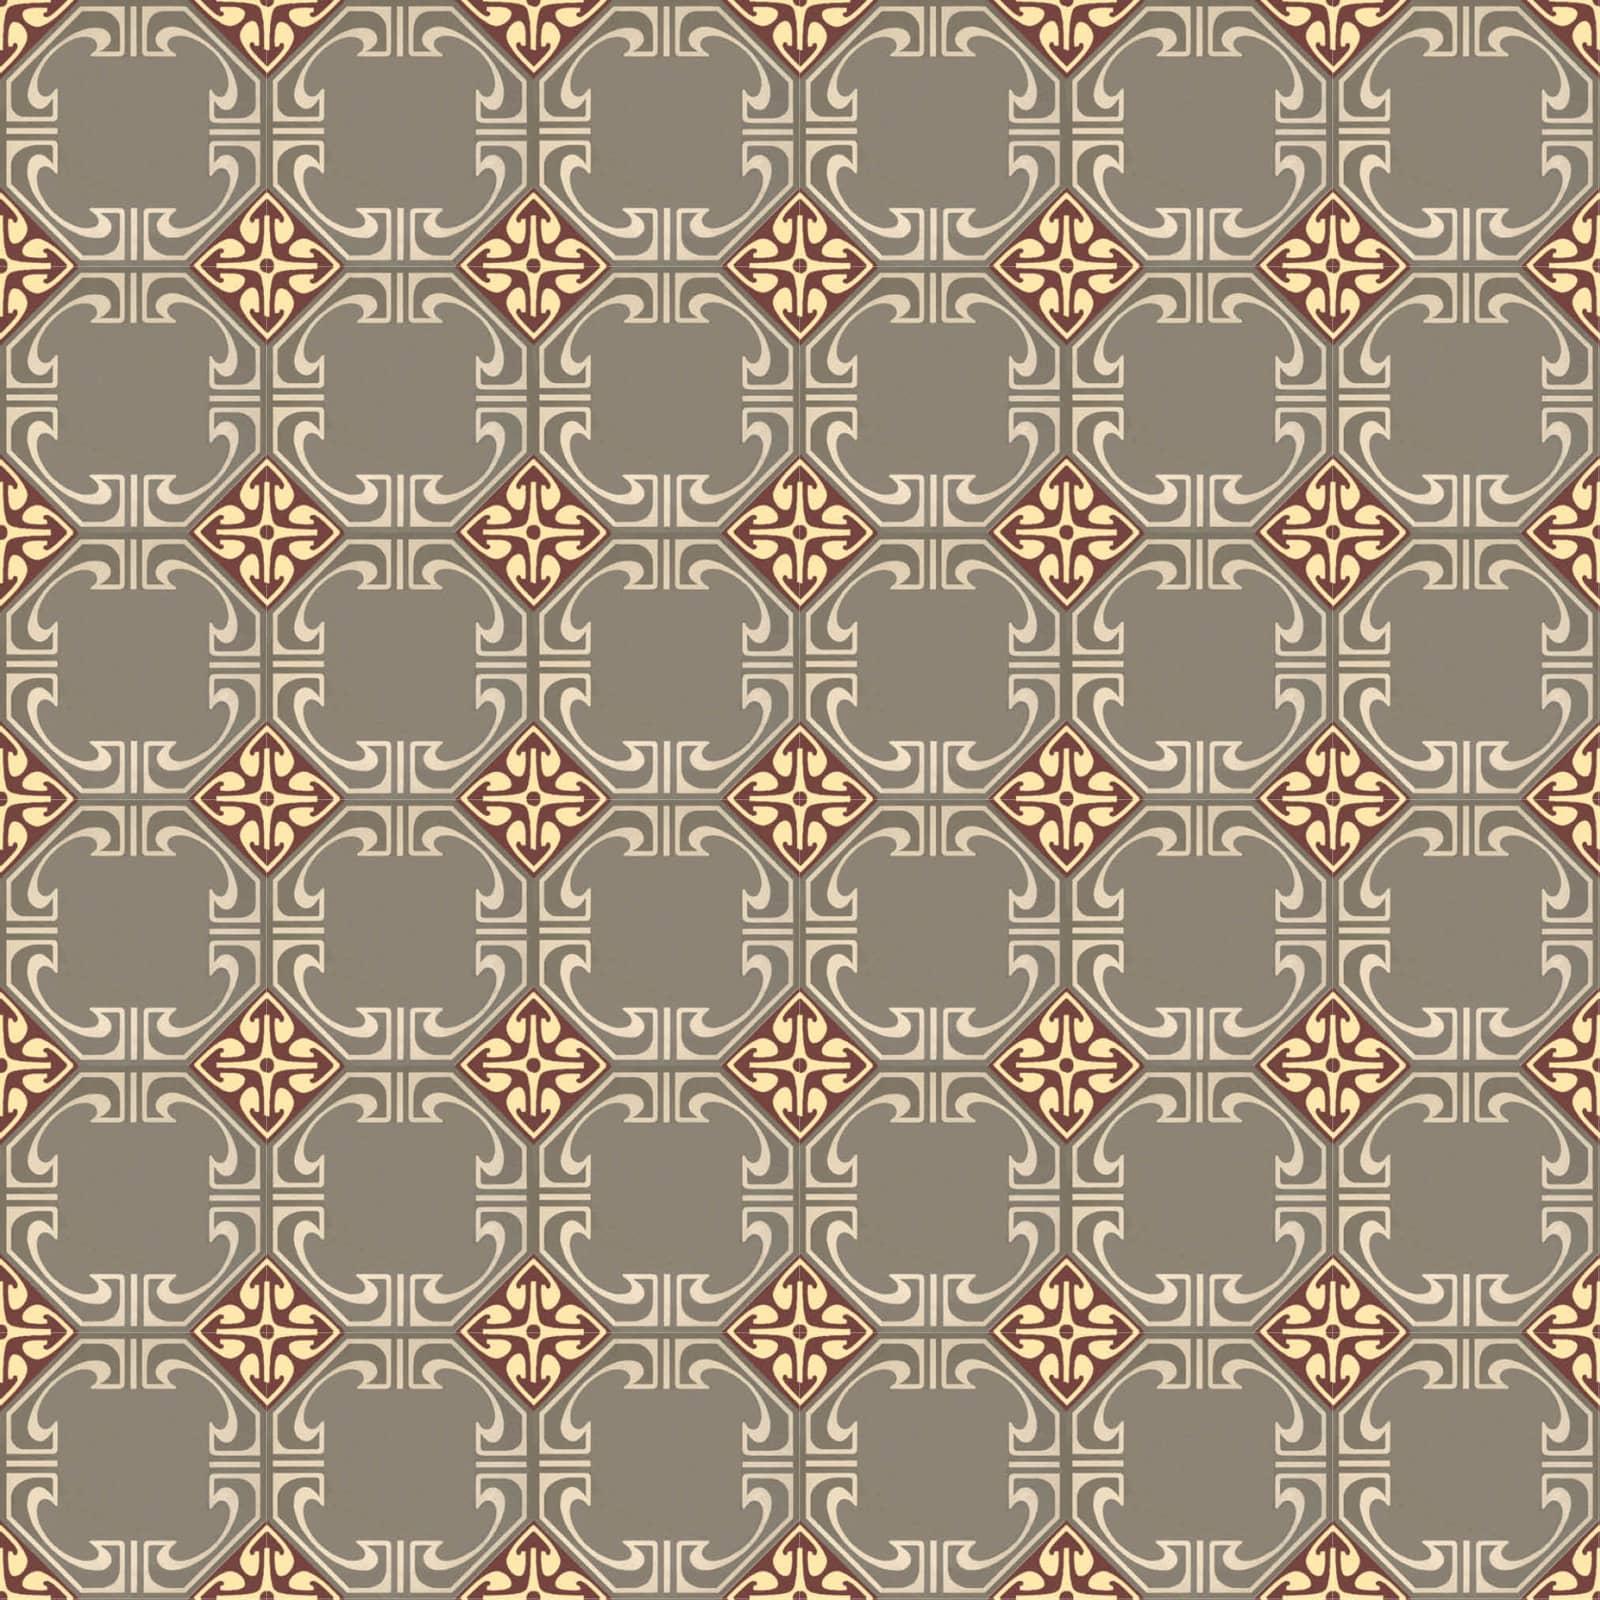 zementfliesen-terrazzofliesen-kreidefarbe-terrazzo-fugenlos-viaplatten-58040-verlegemuster | 58040/169